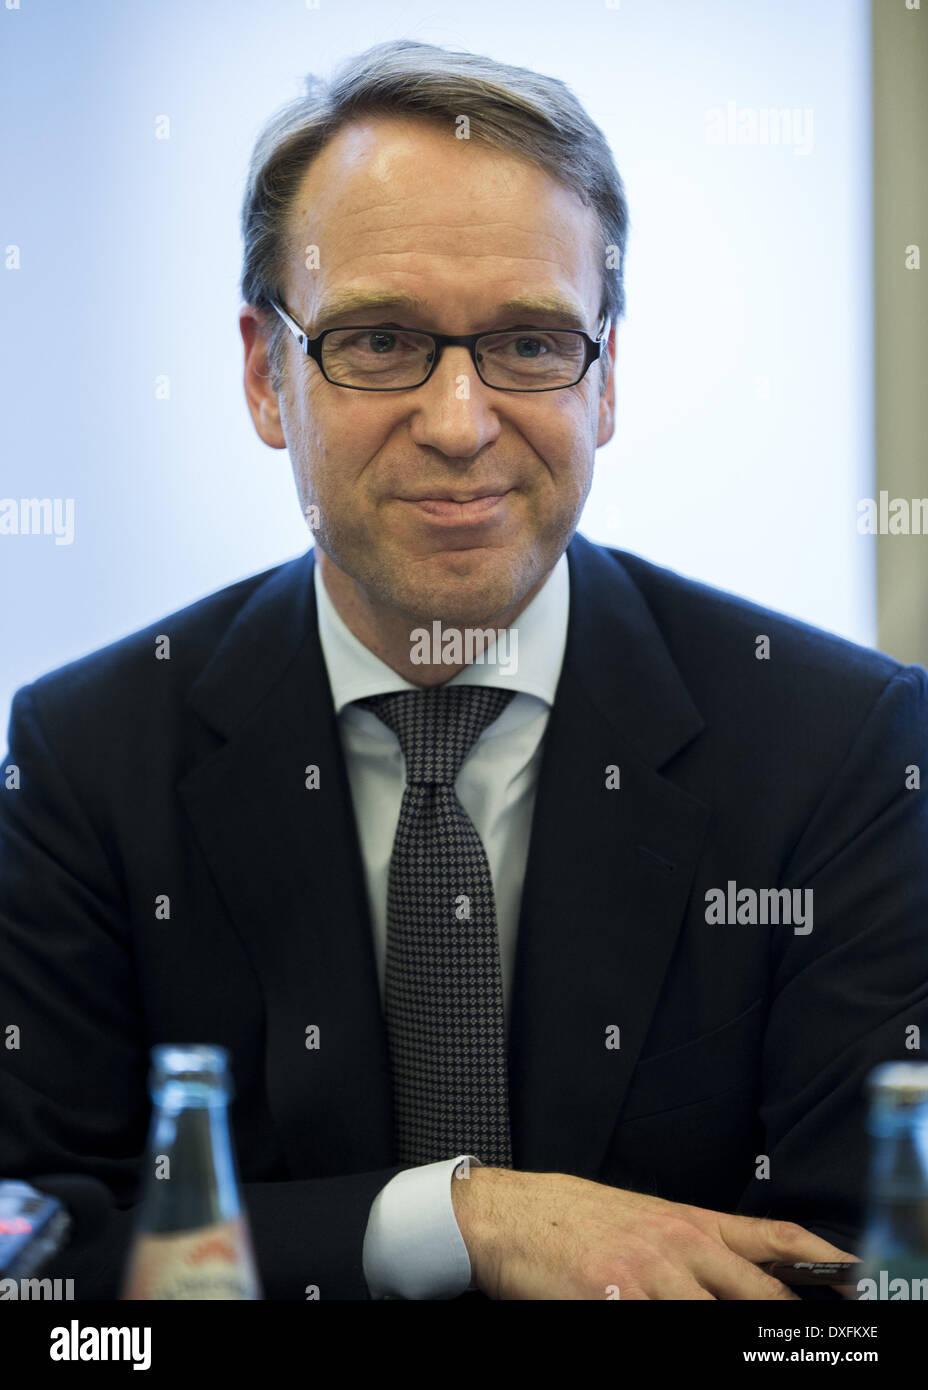 Berlin, Deutschland. 25. März 2014. Drücken Sie Talk zwischen VAP Mitglieder und Dr. Jens Weidmann, Präsident der Stockfoto